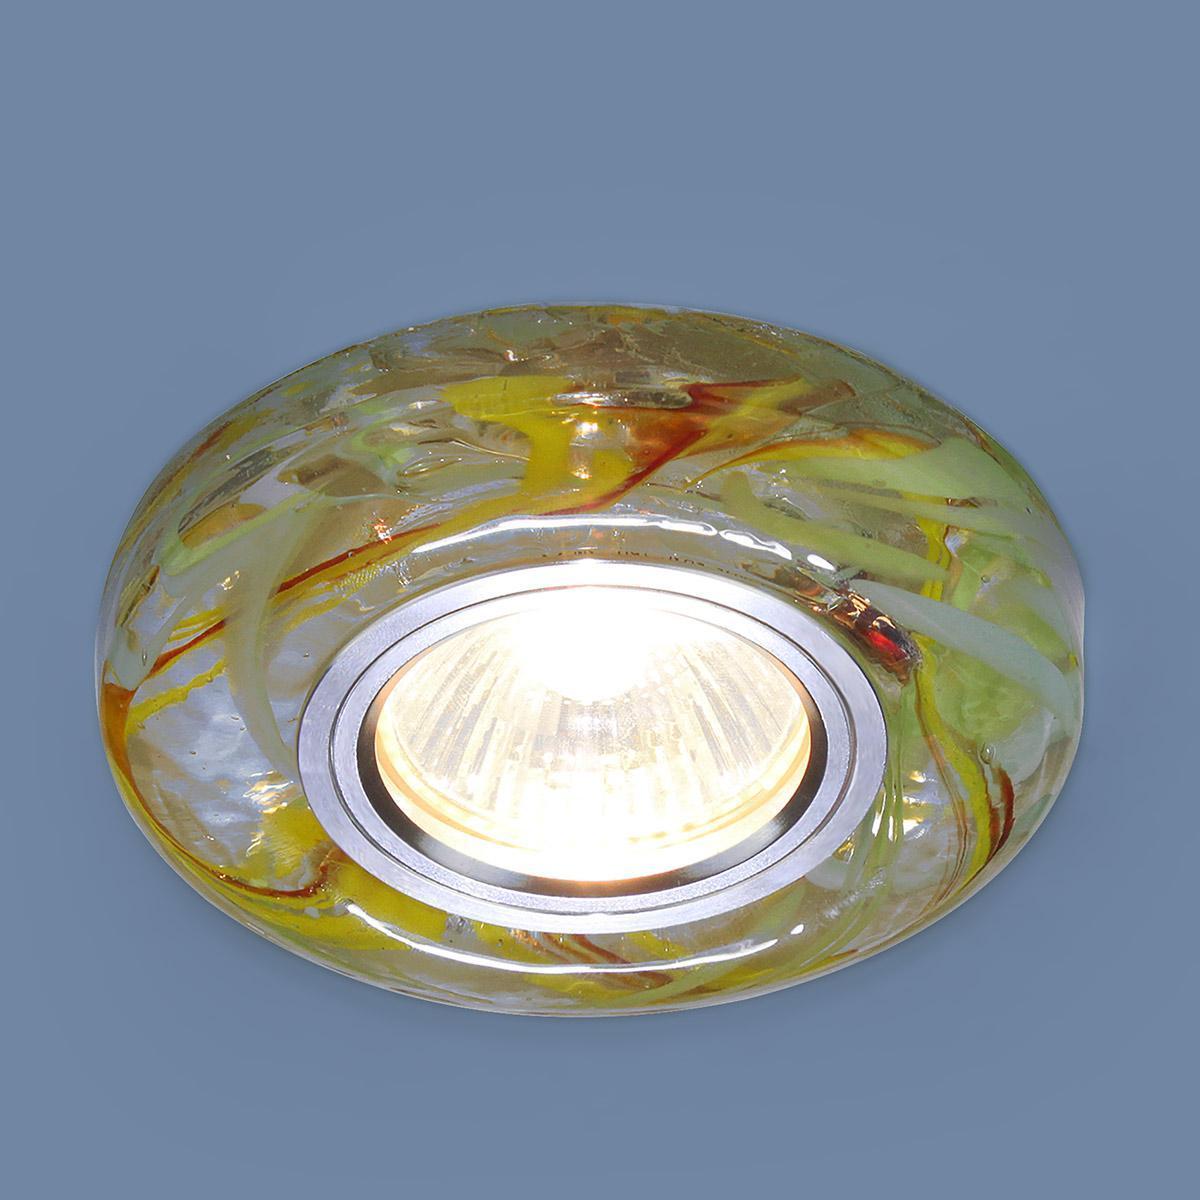 Фото - Встраиваемый светильник Elektrostandard 2191 MR16 CL/YL/GR прозрачный/желтый/зеленый 4690389096129 cветильник галогенный de fran встраиваемый 1х50вт mr16 ip20 зел античное золото